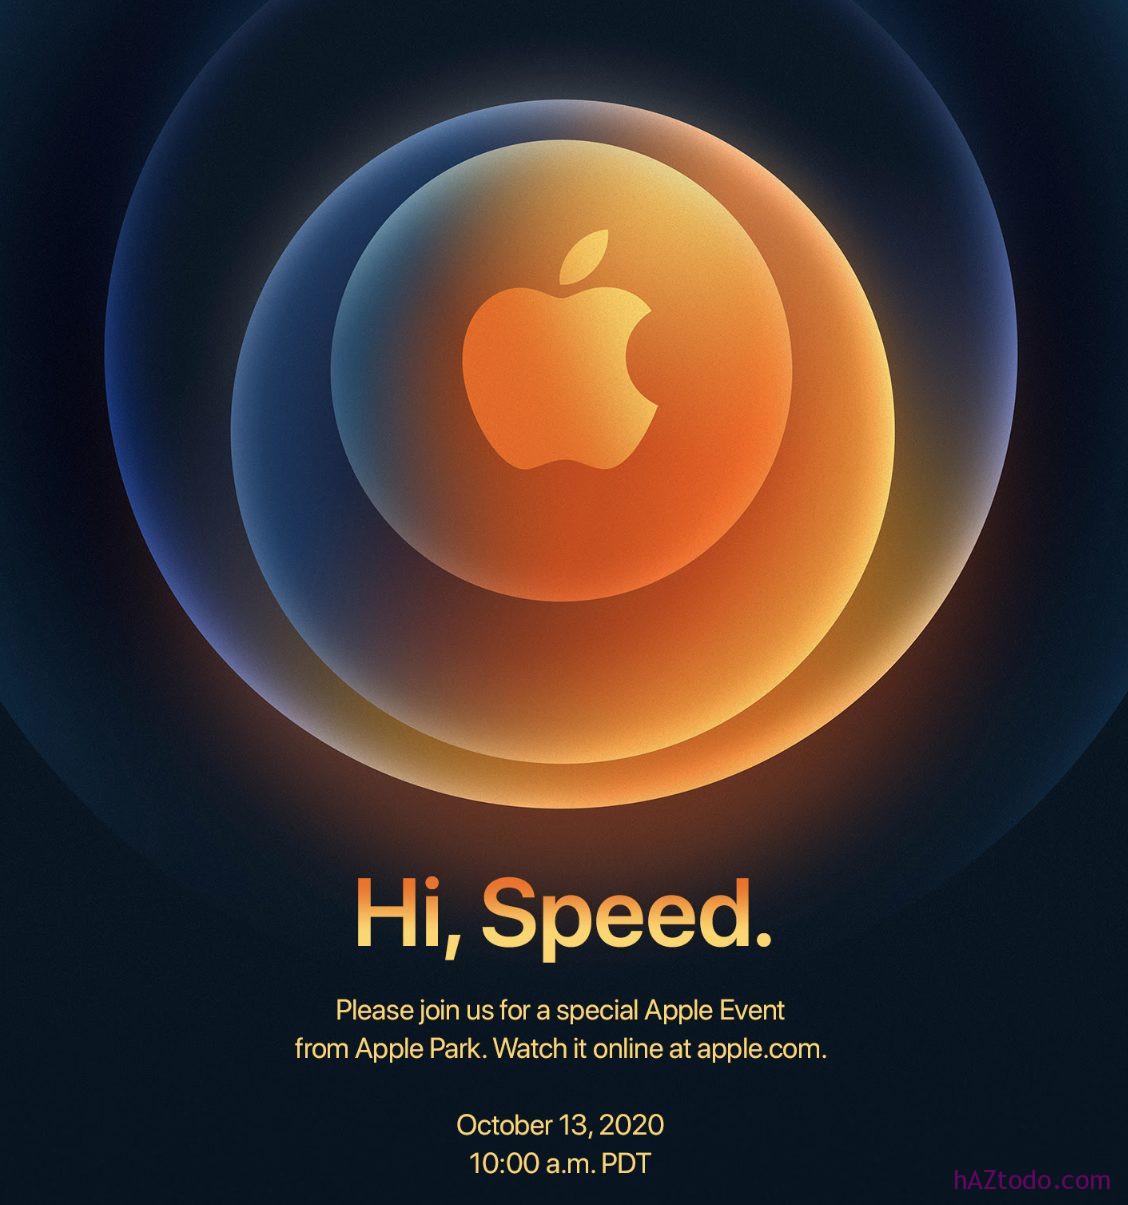 Dónde ver la presentación del iPhone 12 síguelo en directo desde YouTube